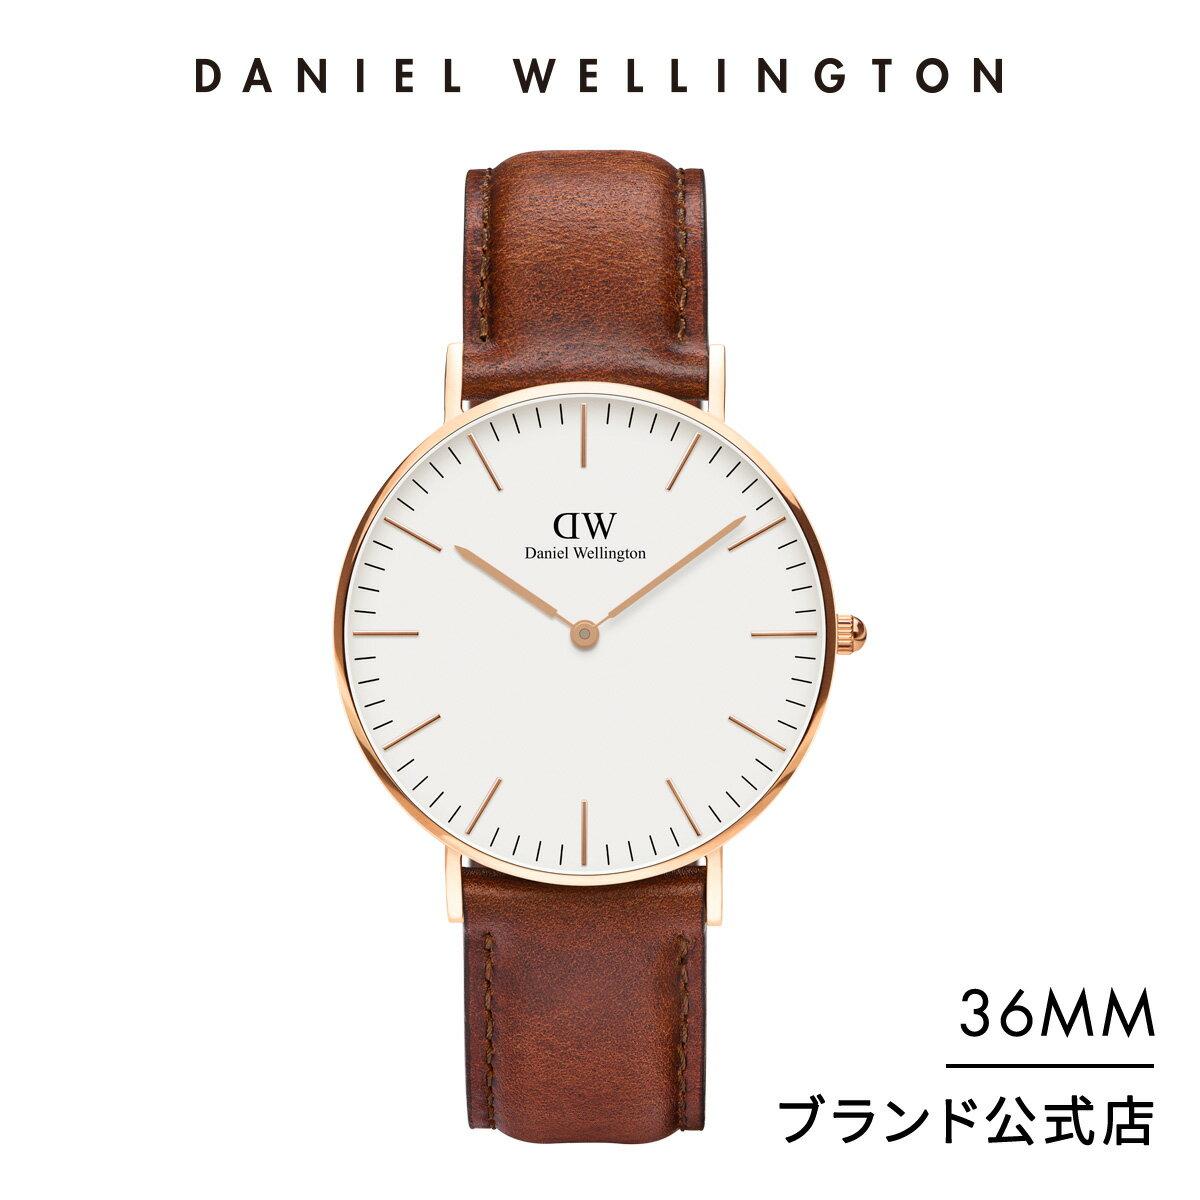 【公式2年保証/送料無料】ダニエルウェリントン公式 レディース 腕時計 Classic St Mawes 36mm 革 ベルト クラシック セント モース DW プレゼント おしゃれ インスタ映え ブランド 彼女 彼氏 ペアスタイルに最適 ウォッチ